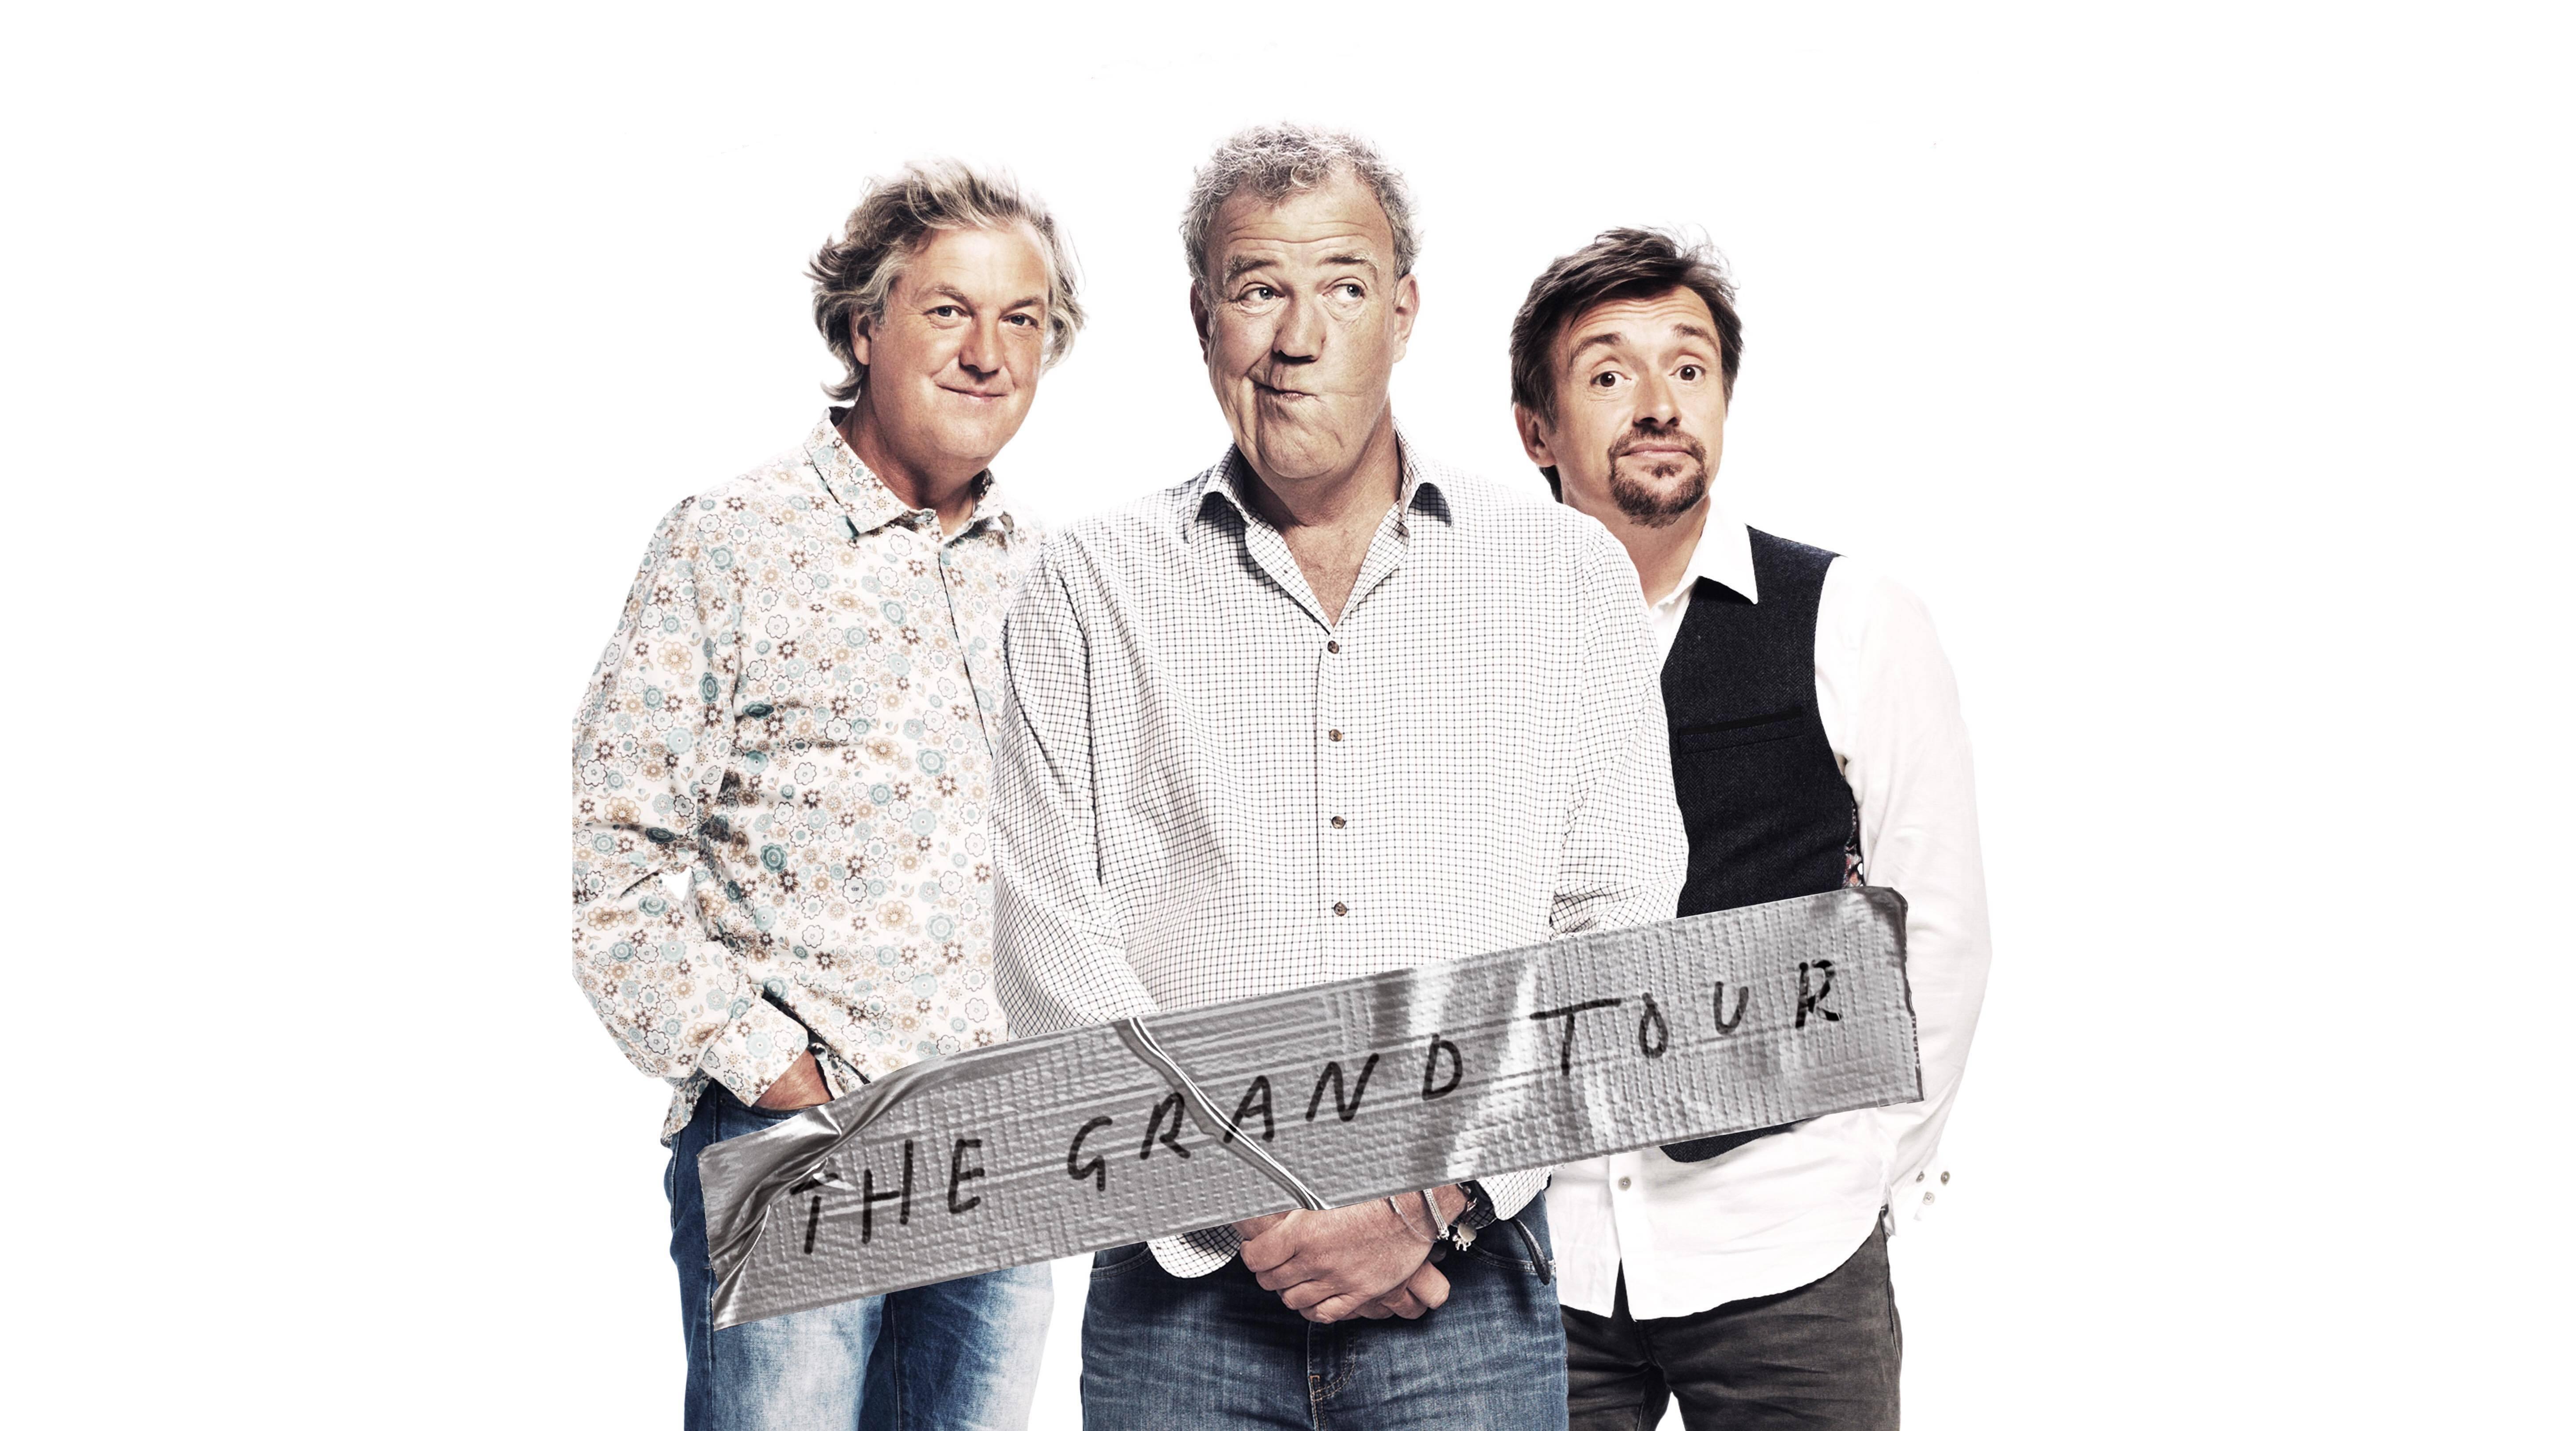 thegrandtour